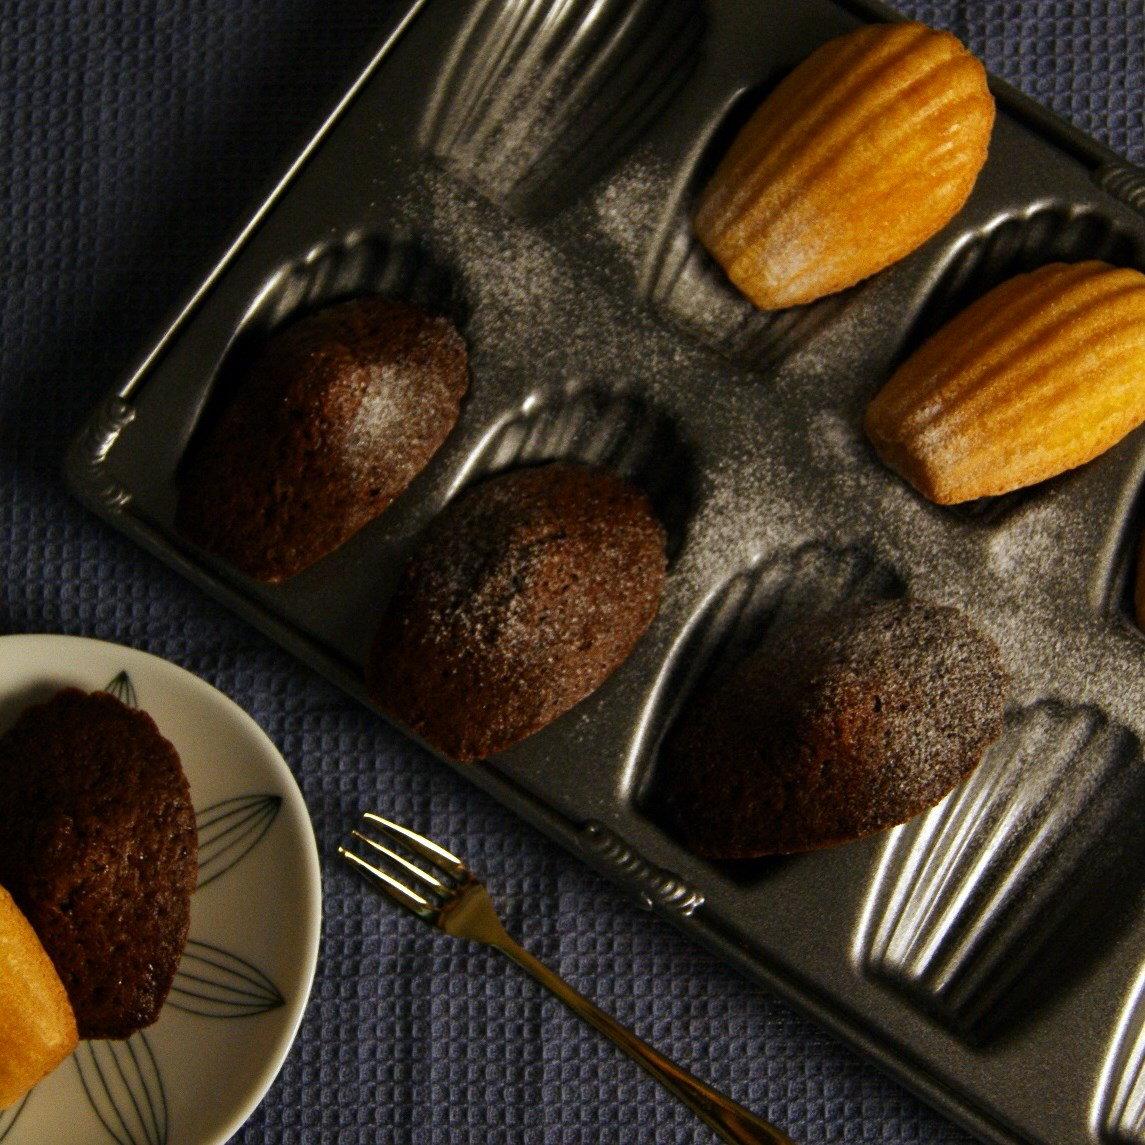 【黑手甜點】可可卡士達瑪德蓮/主廚特製/黑手法式小點系列